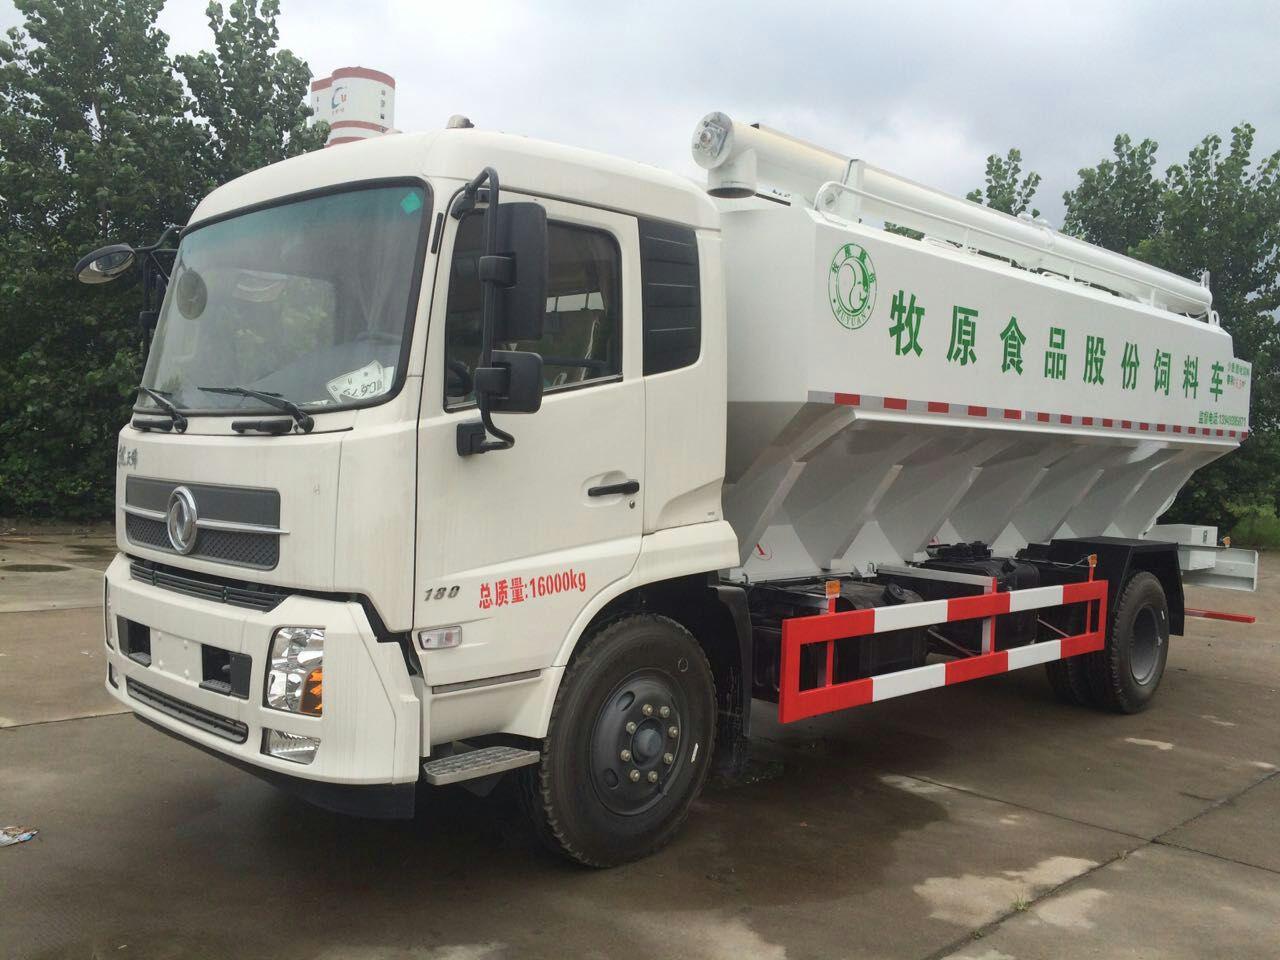 东风天锦液压散装饲料车(10吨)